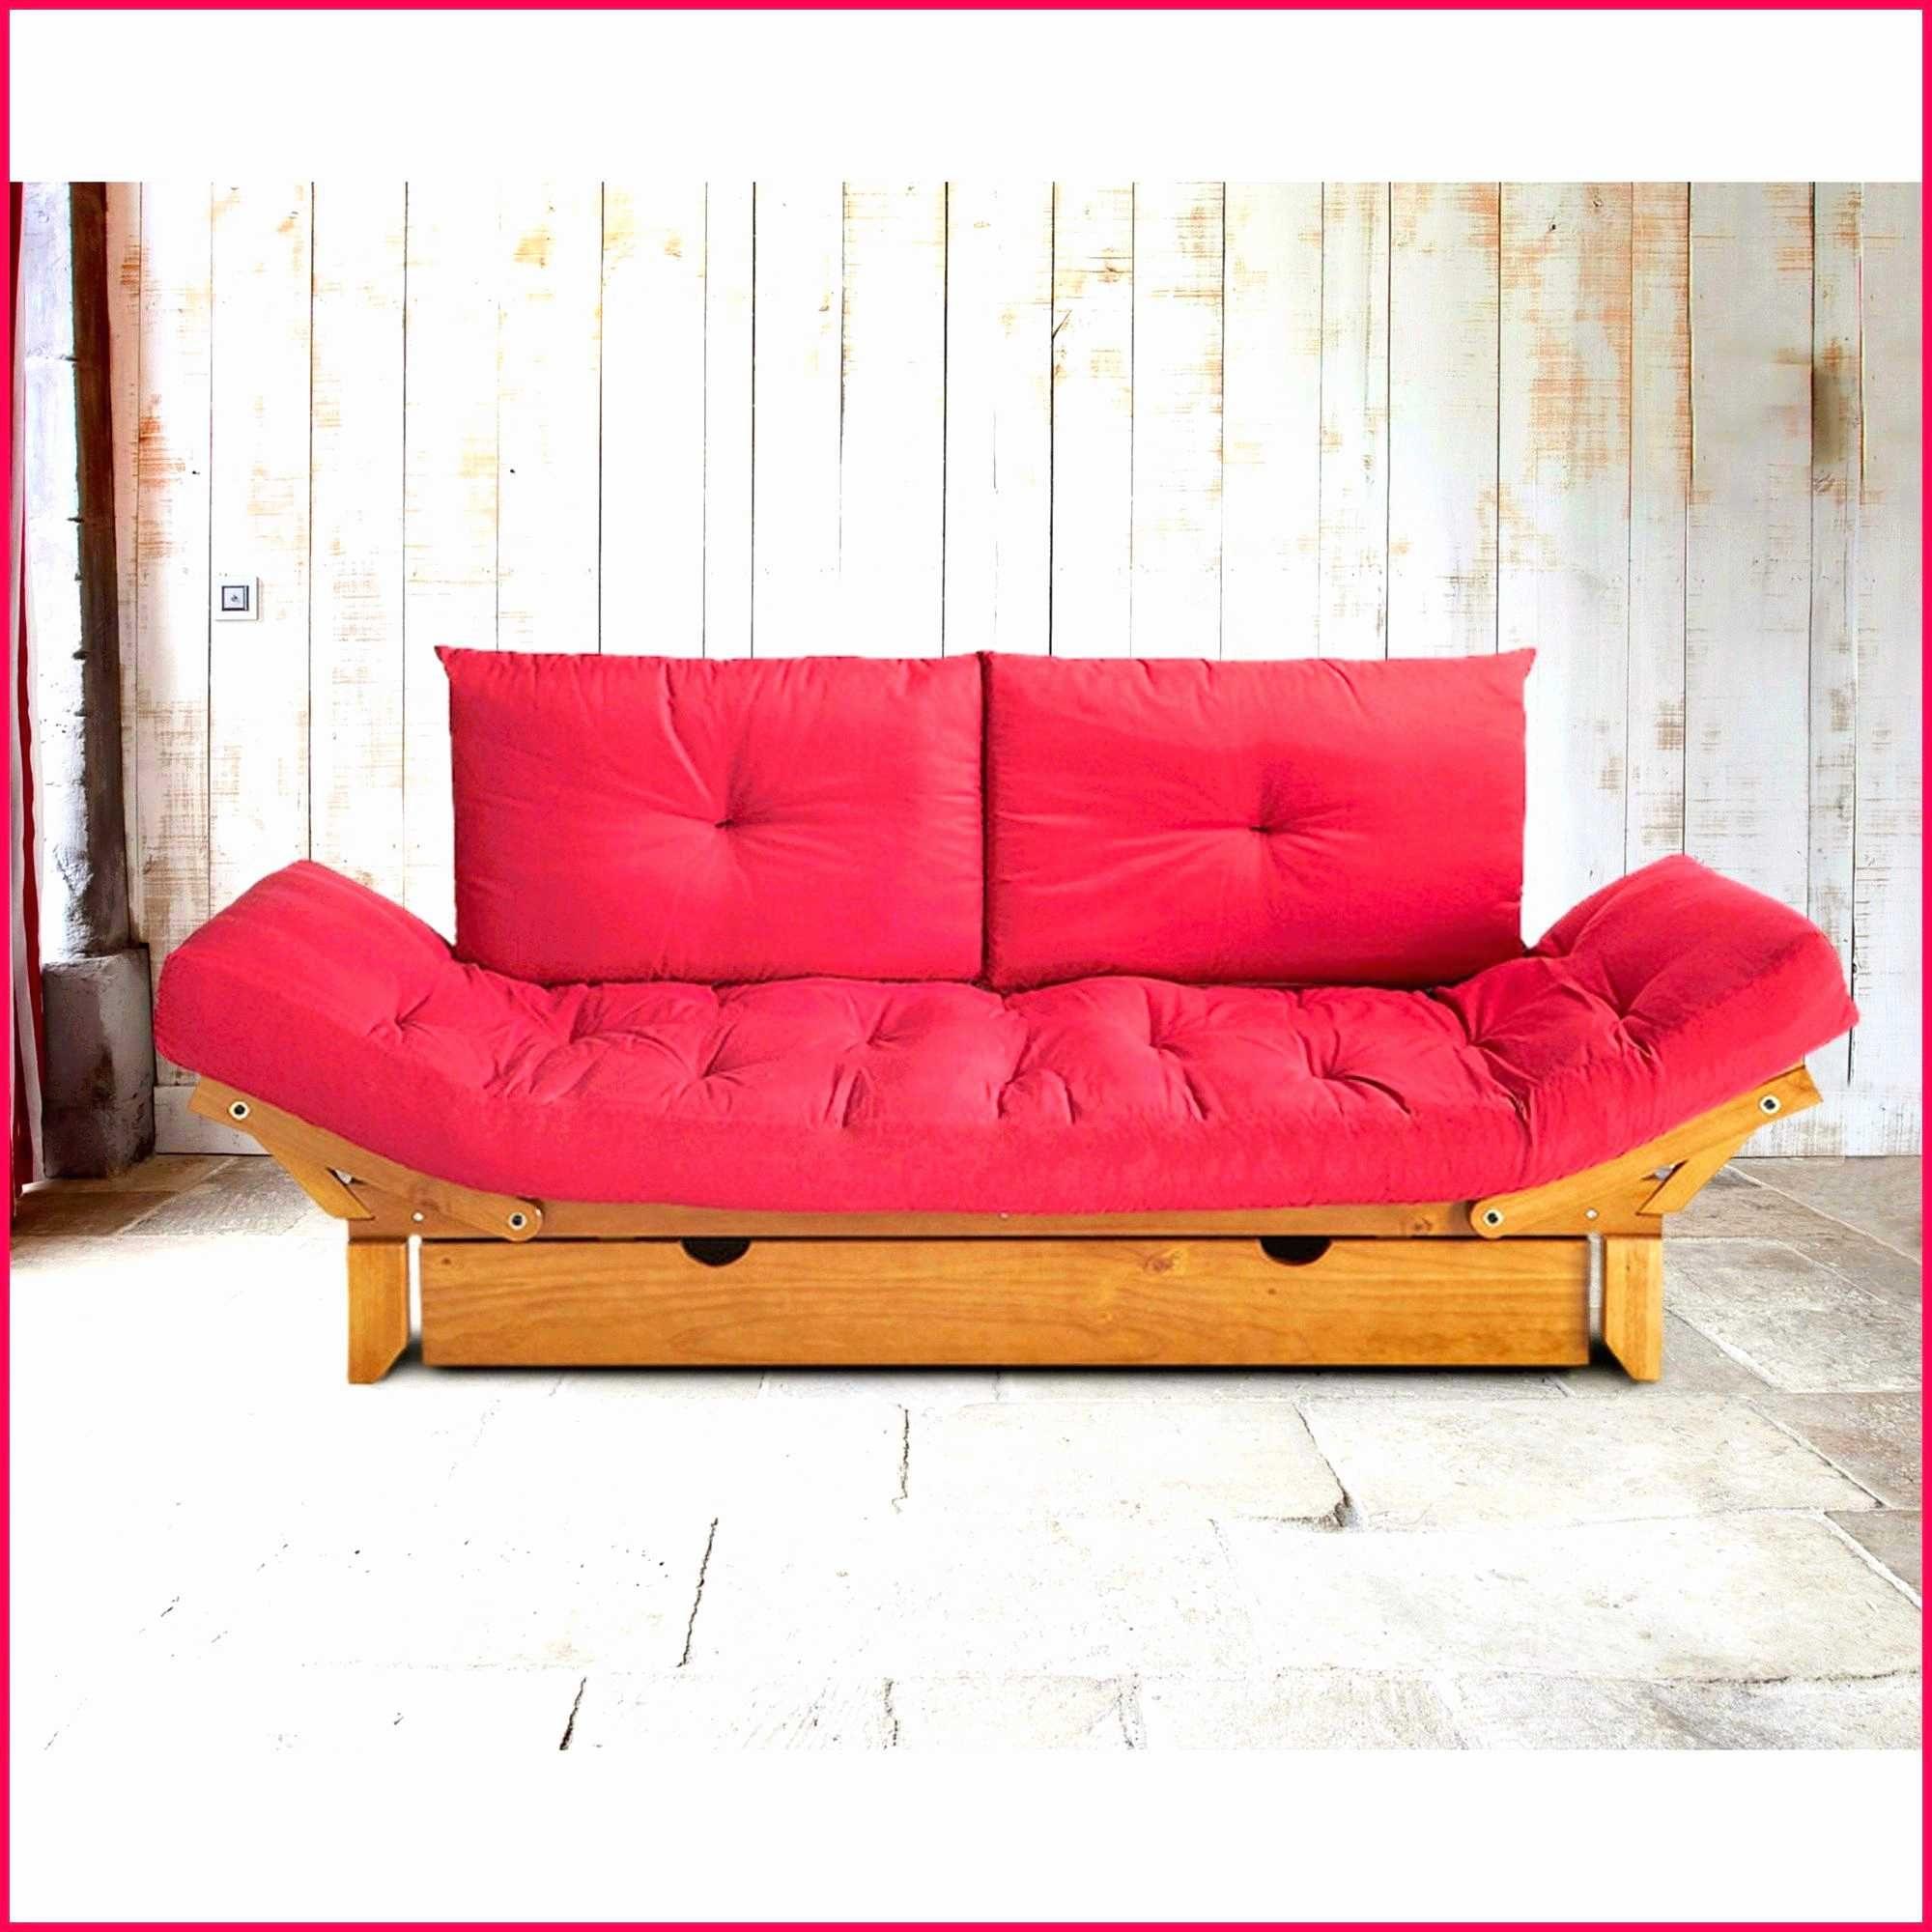 Canapé Lit Conforama Le Luxe Décoratif Canapé Convertible Pas Cher Conforama Dans Canape Lit